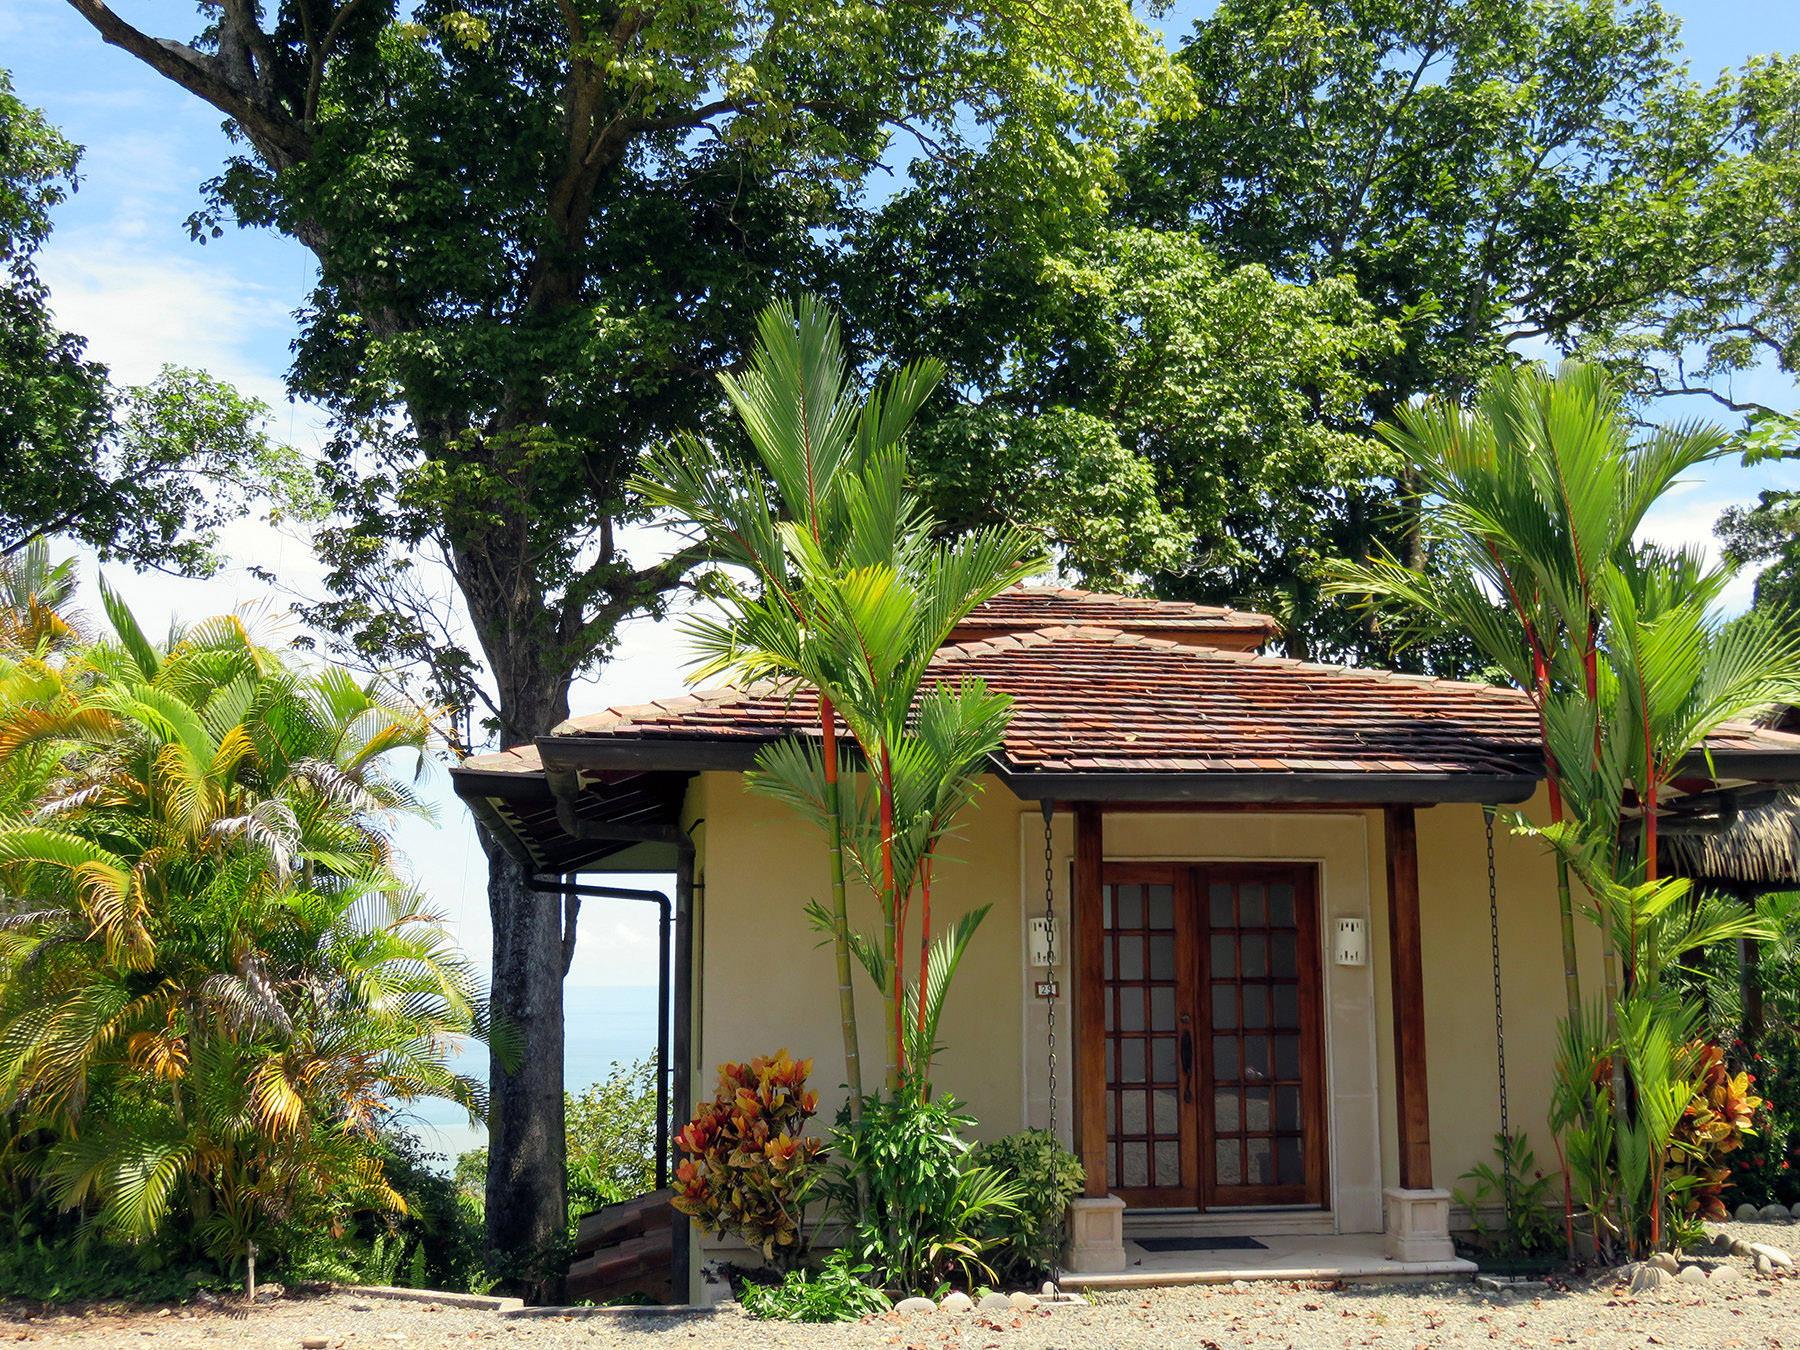 Plant de villa maison moderne for Plant de villa